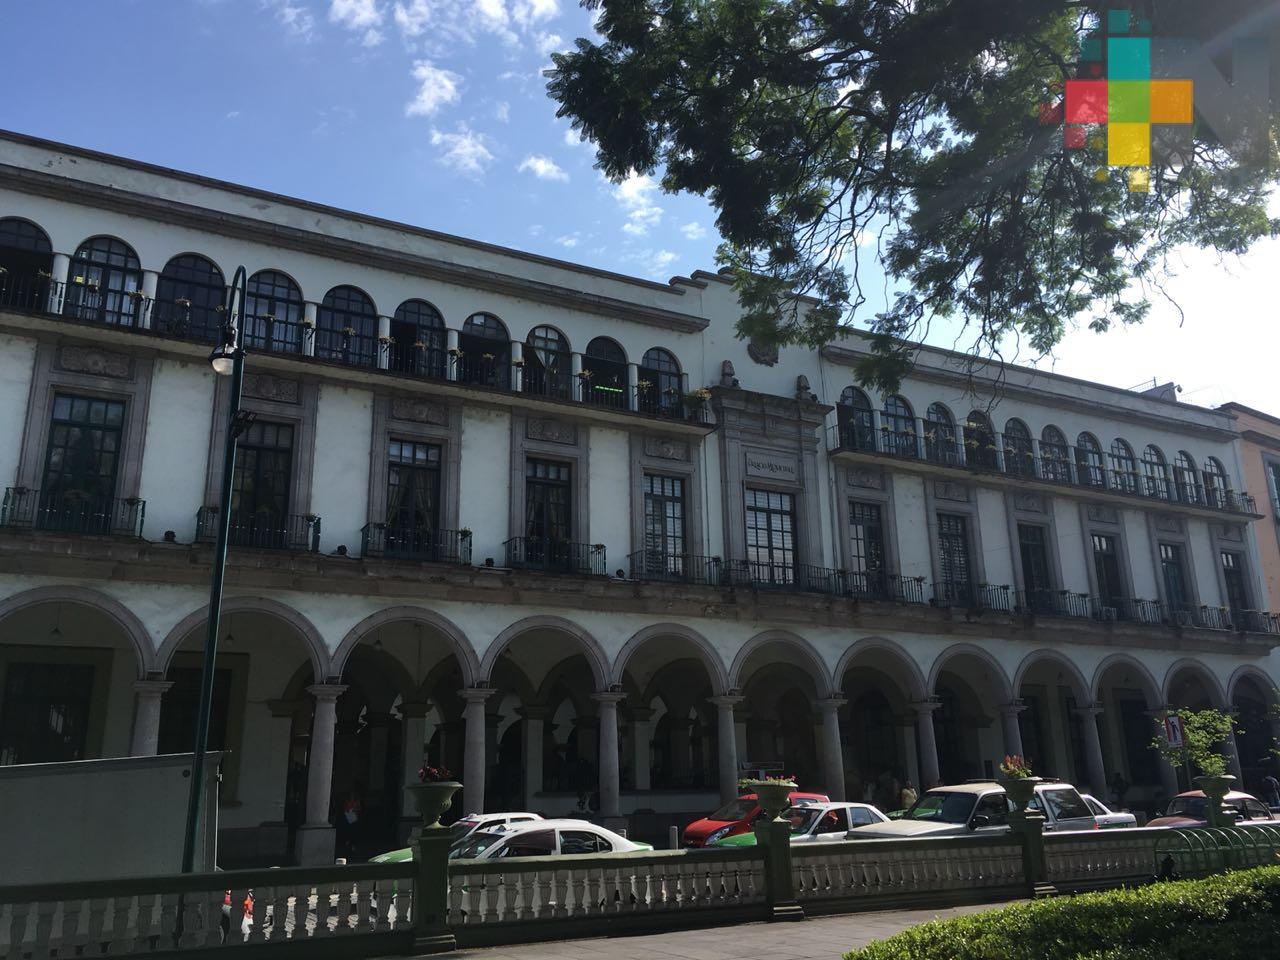 Veracruz, Coatzacoalcos y Xalapa recibieron el mayor monto por concepto de participaciones federales